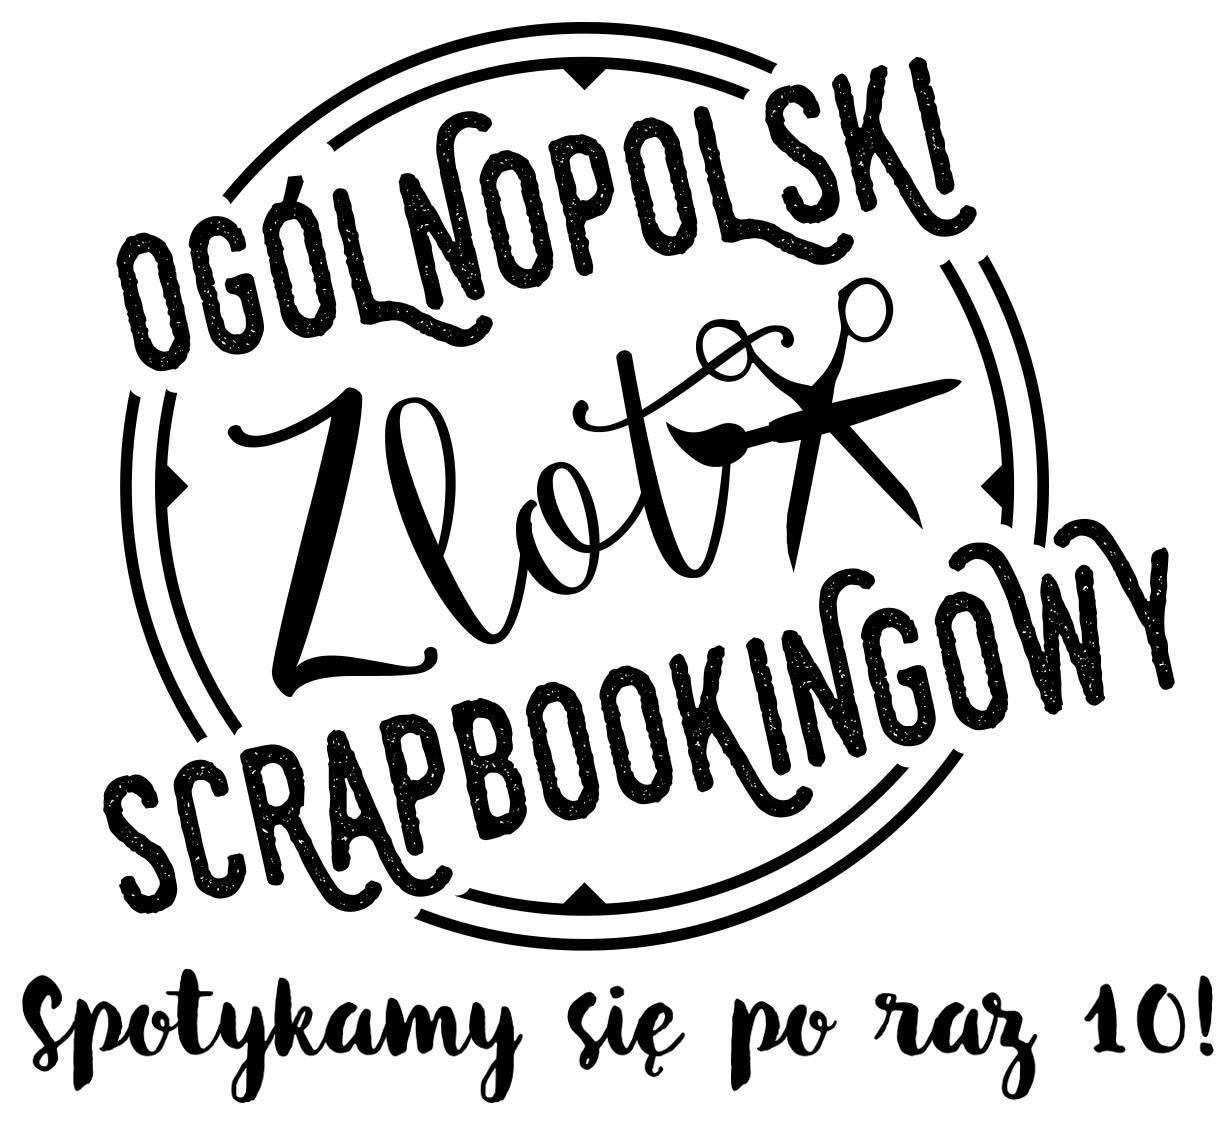 10 Ogólnopolski Zlot Scrapbookingowy